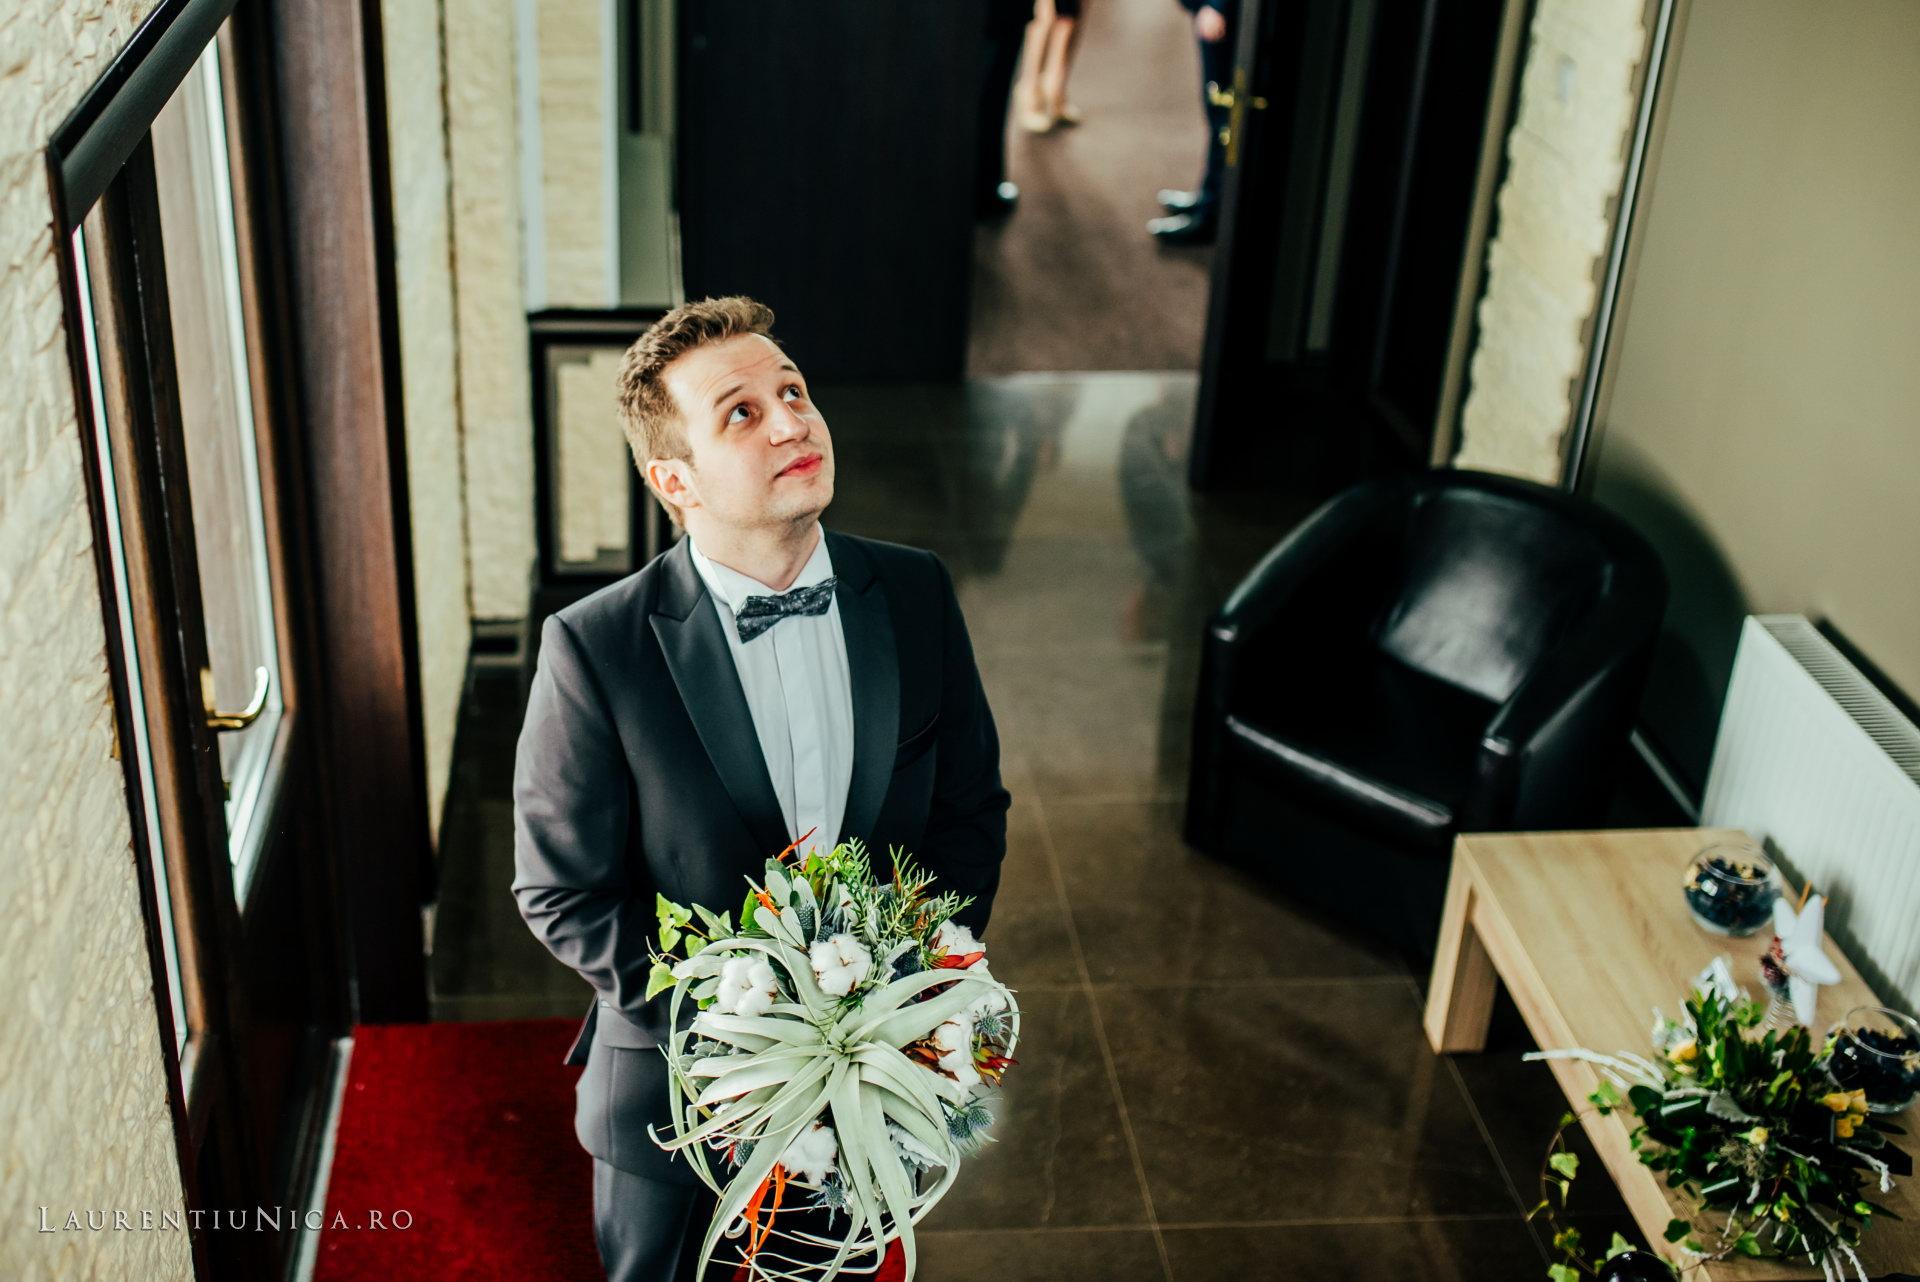 daniela si marius fotografii nunta craiova laurentiu nica09 - Daniela & Marius | Fotografii nunta